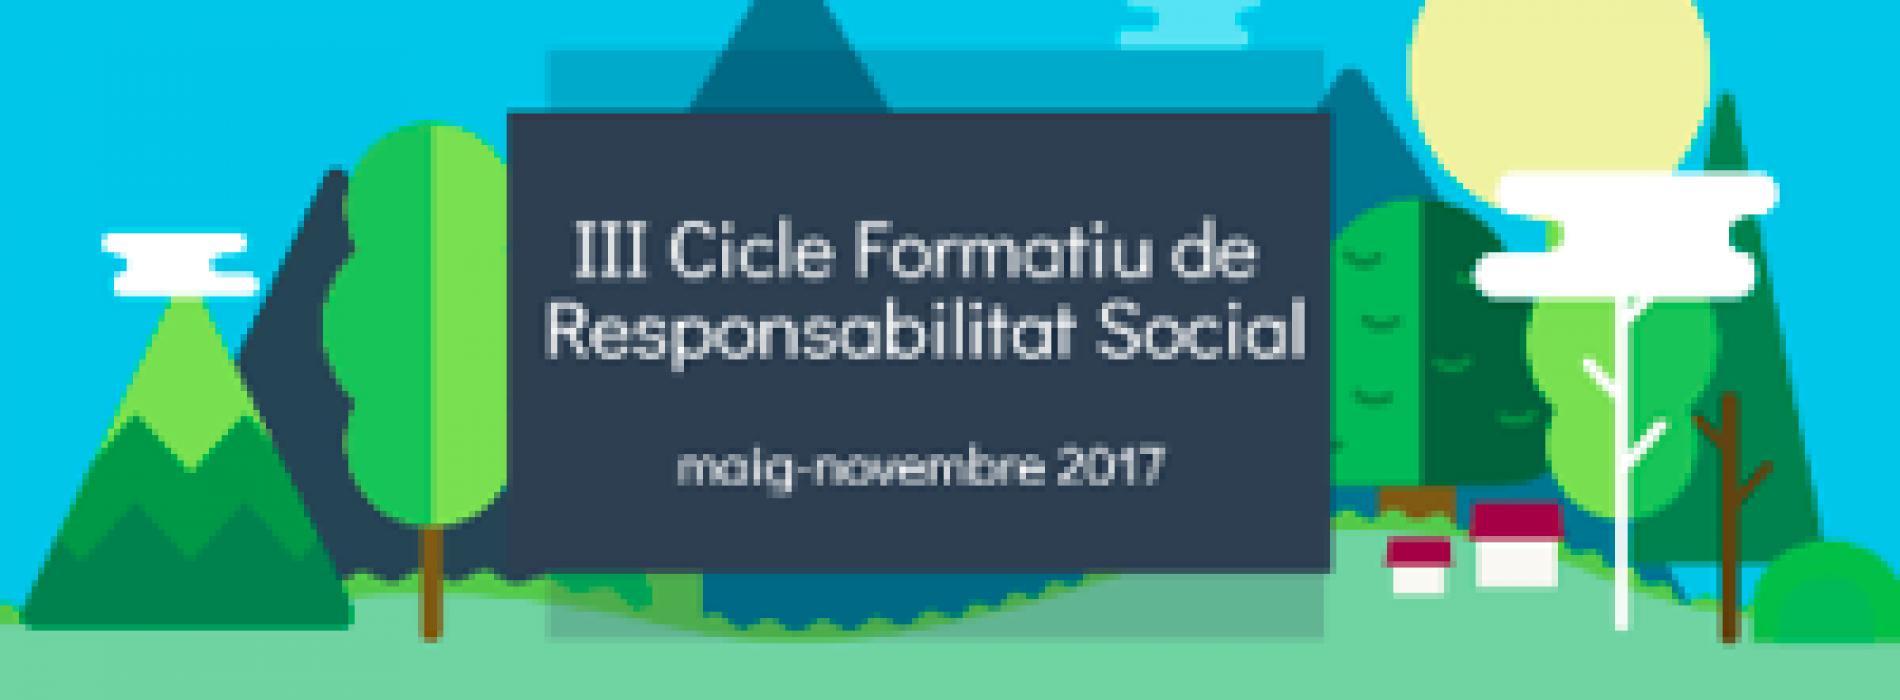 Obert el III cicle formatiu de responsabilitat social de RSCat